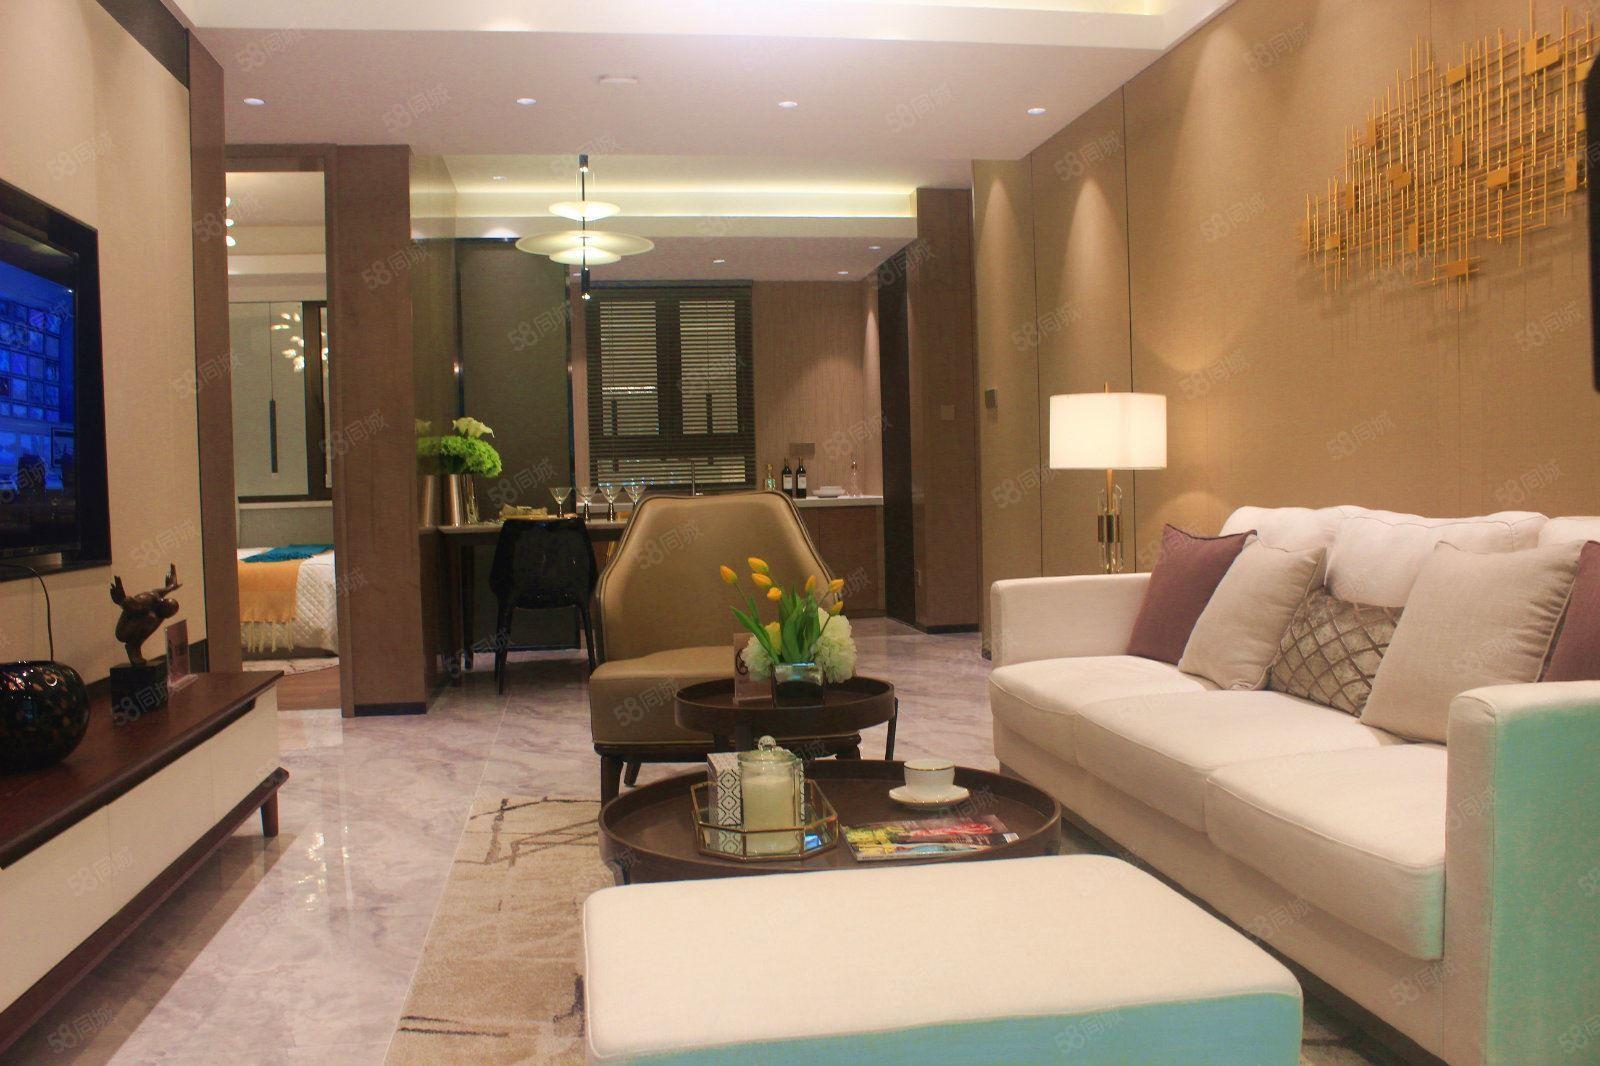 南京78平小面积住宅一成首付可落户即可拥有南京住宅